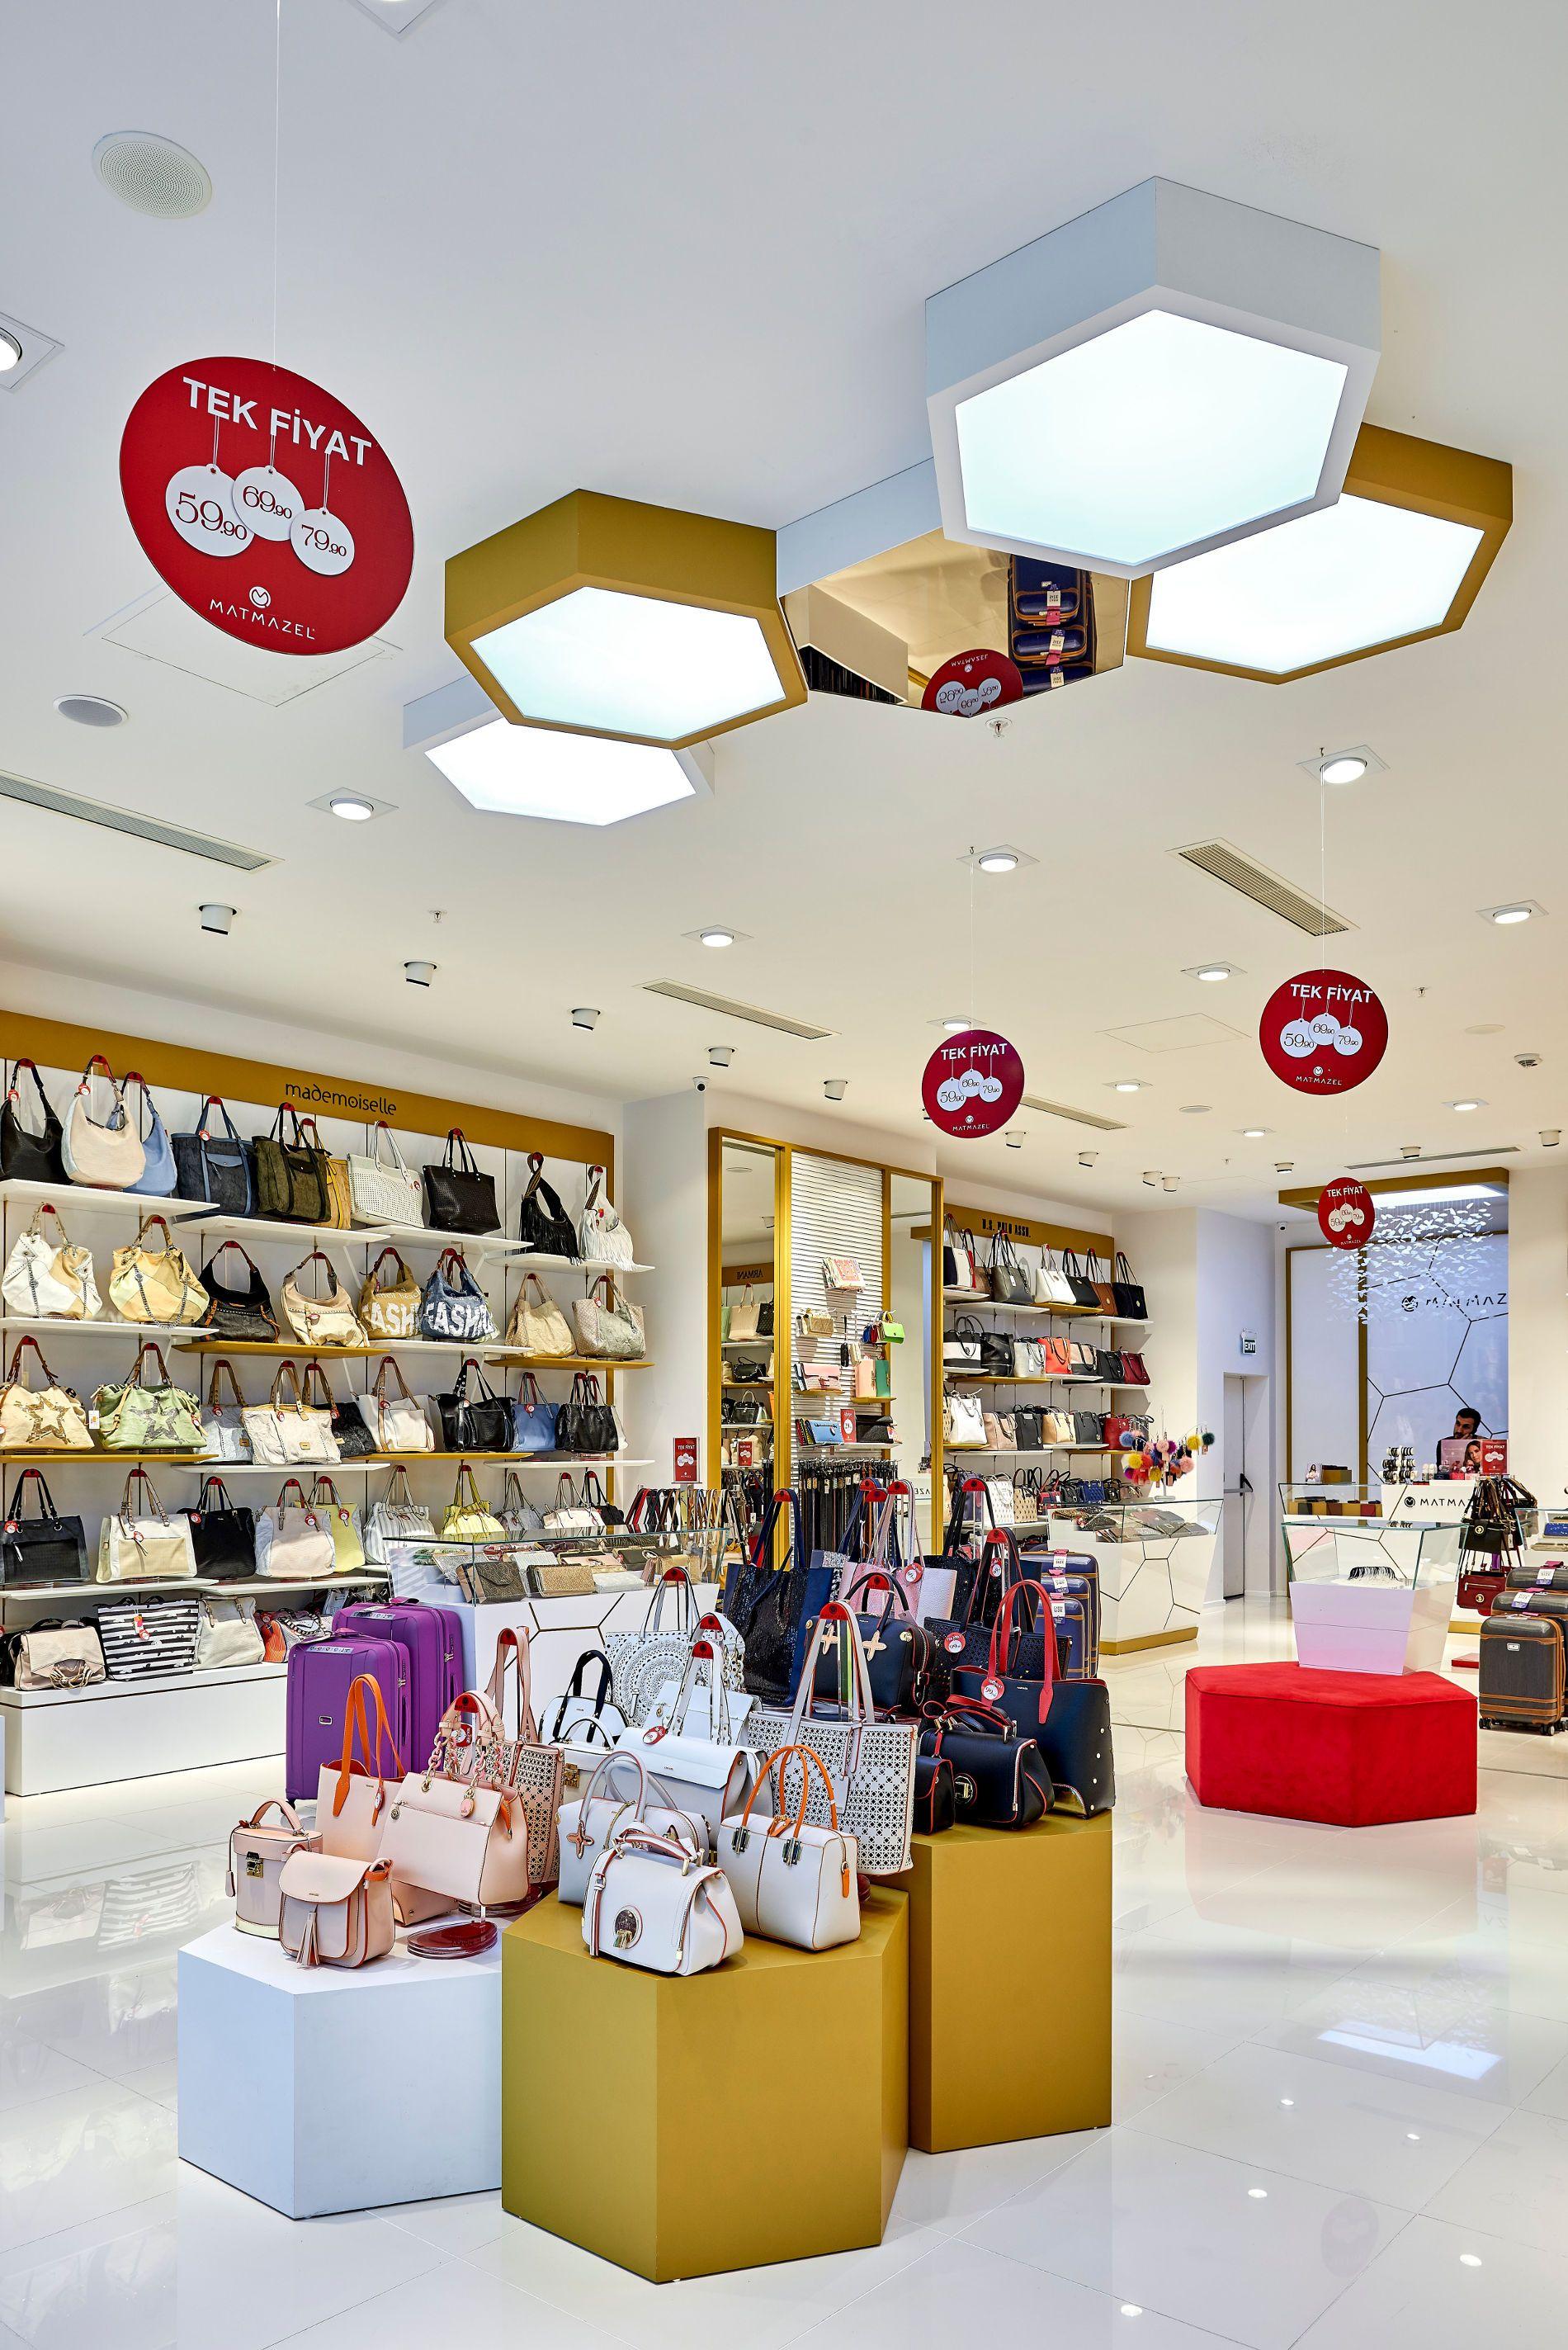 Matmazel Passend Zum Corporate Identity Hat Shopline Ladenbau Ein Modernes Design Entworfen Und Retail Store Interior Design Store Design Retail Store Interior